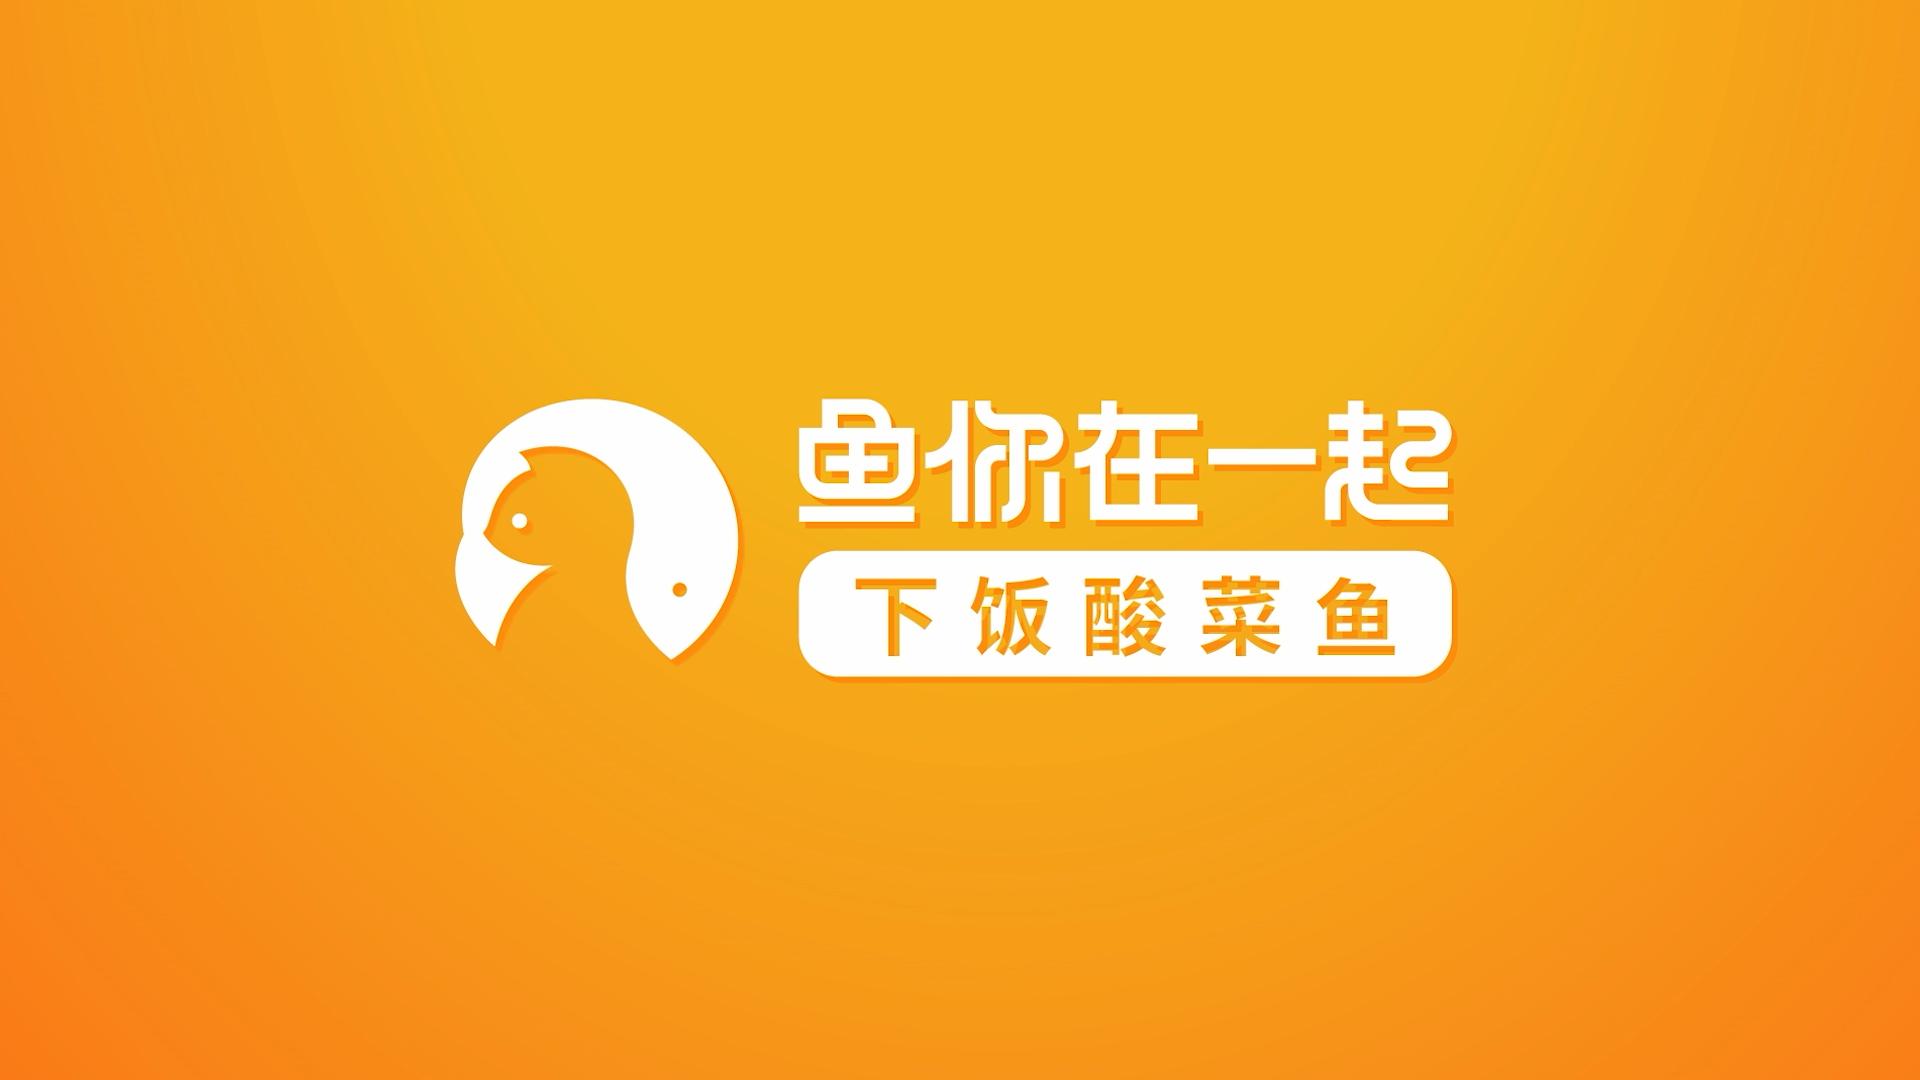 """【载誉而归】""""鱼你在一起""""斩获2019中国ysb88易胜博十大品牌"""